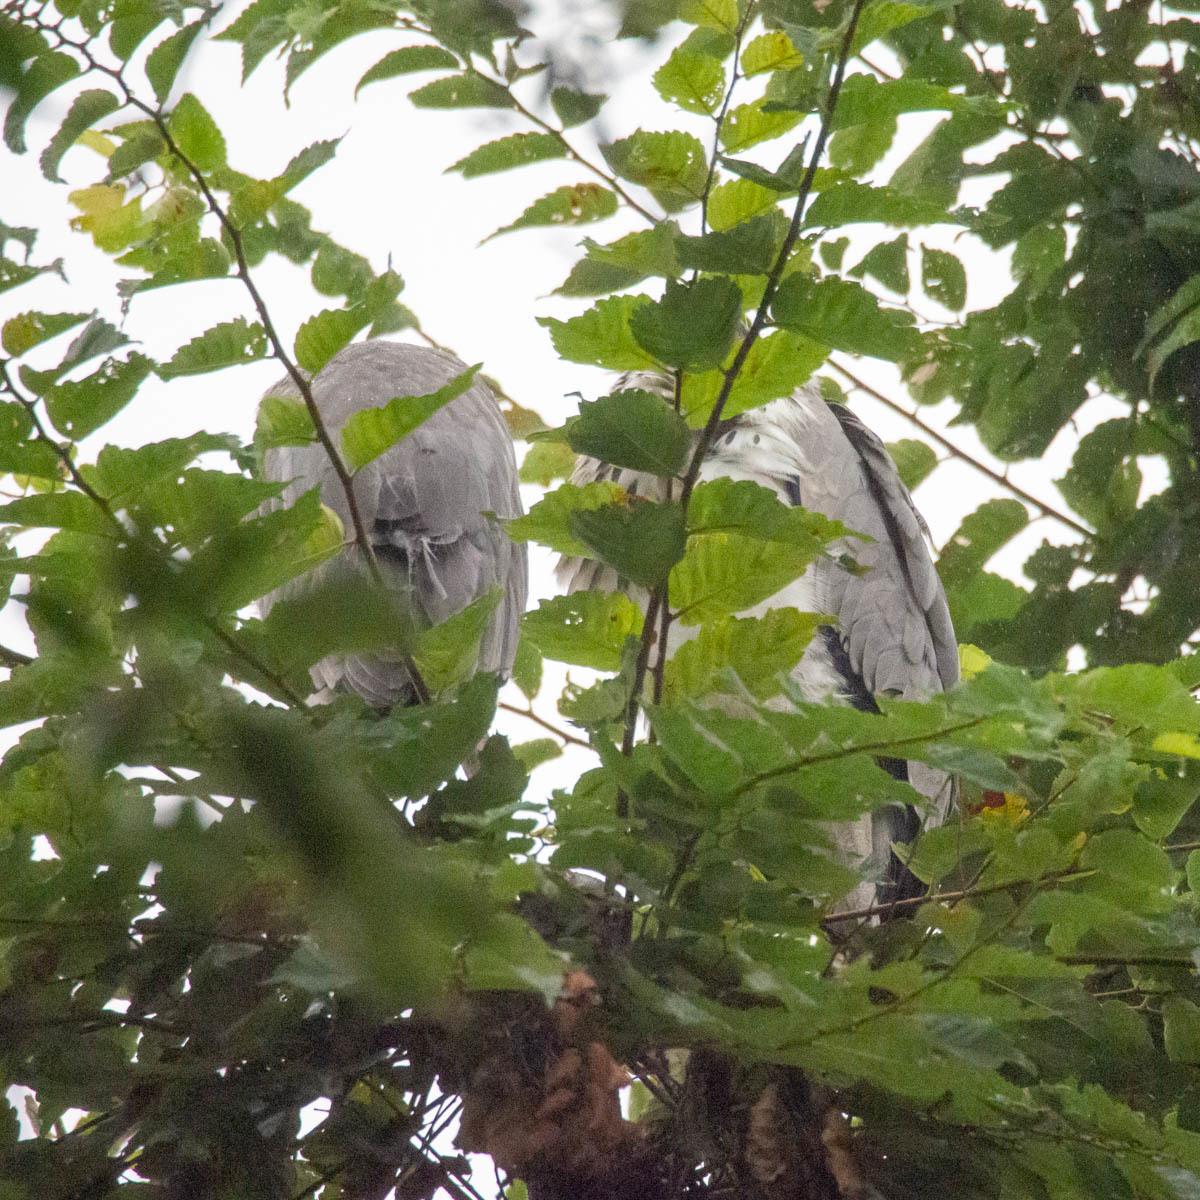 アオサギ 兄弟  (アオサギ)  2020/07/15_d0146592_23230352.jpg